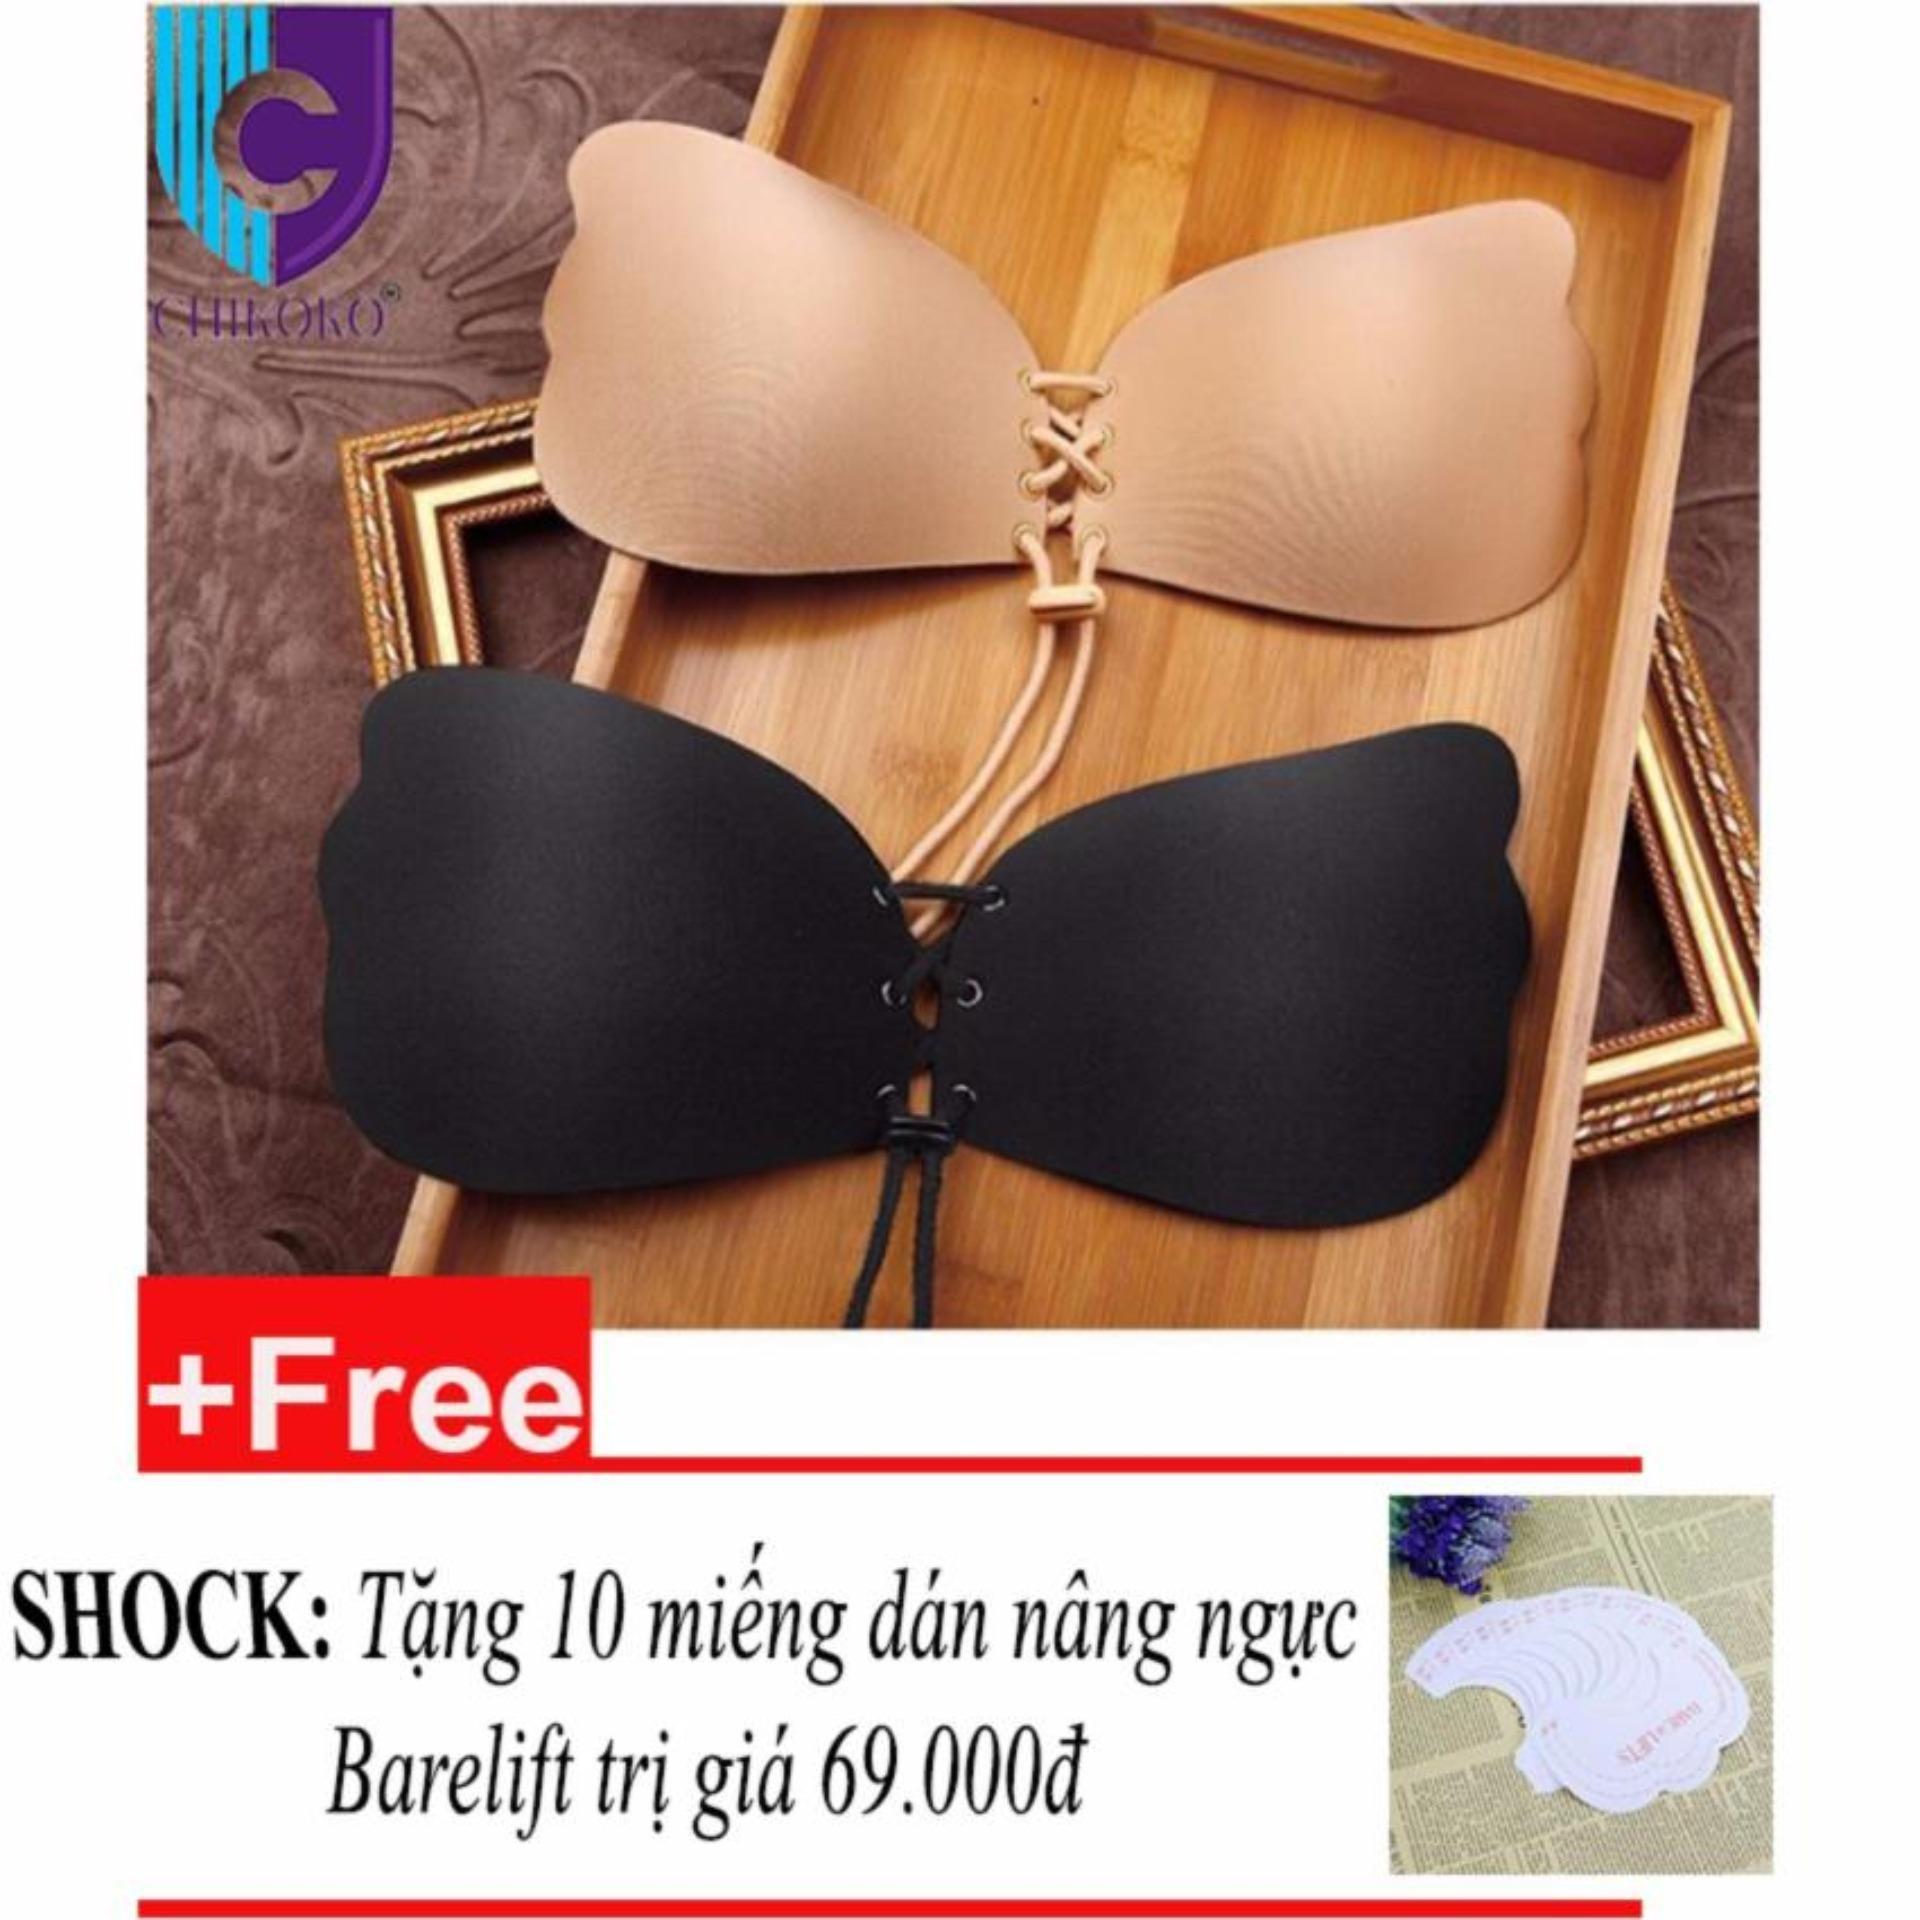 Bộ 02 áo ngực dán dây rút (Da+đen) +Tặng 10 miếng dán ngực Barelift